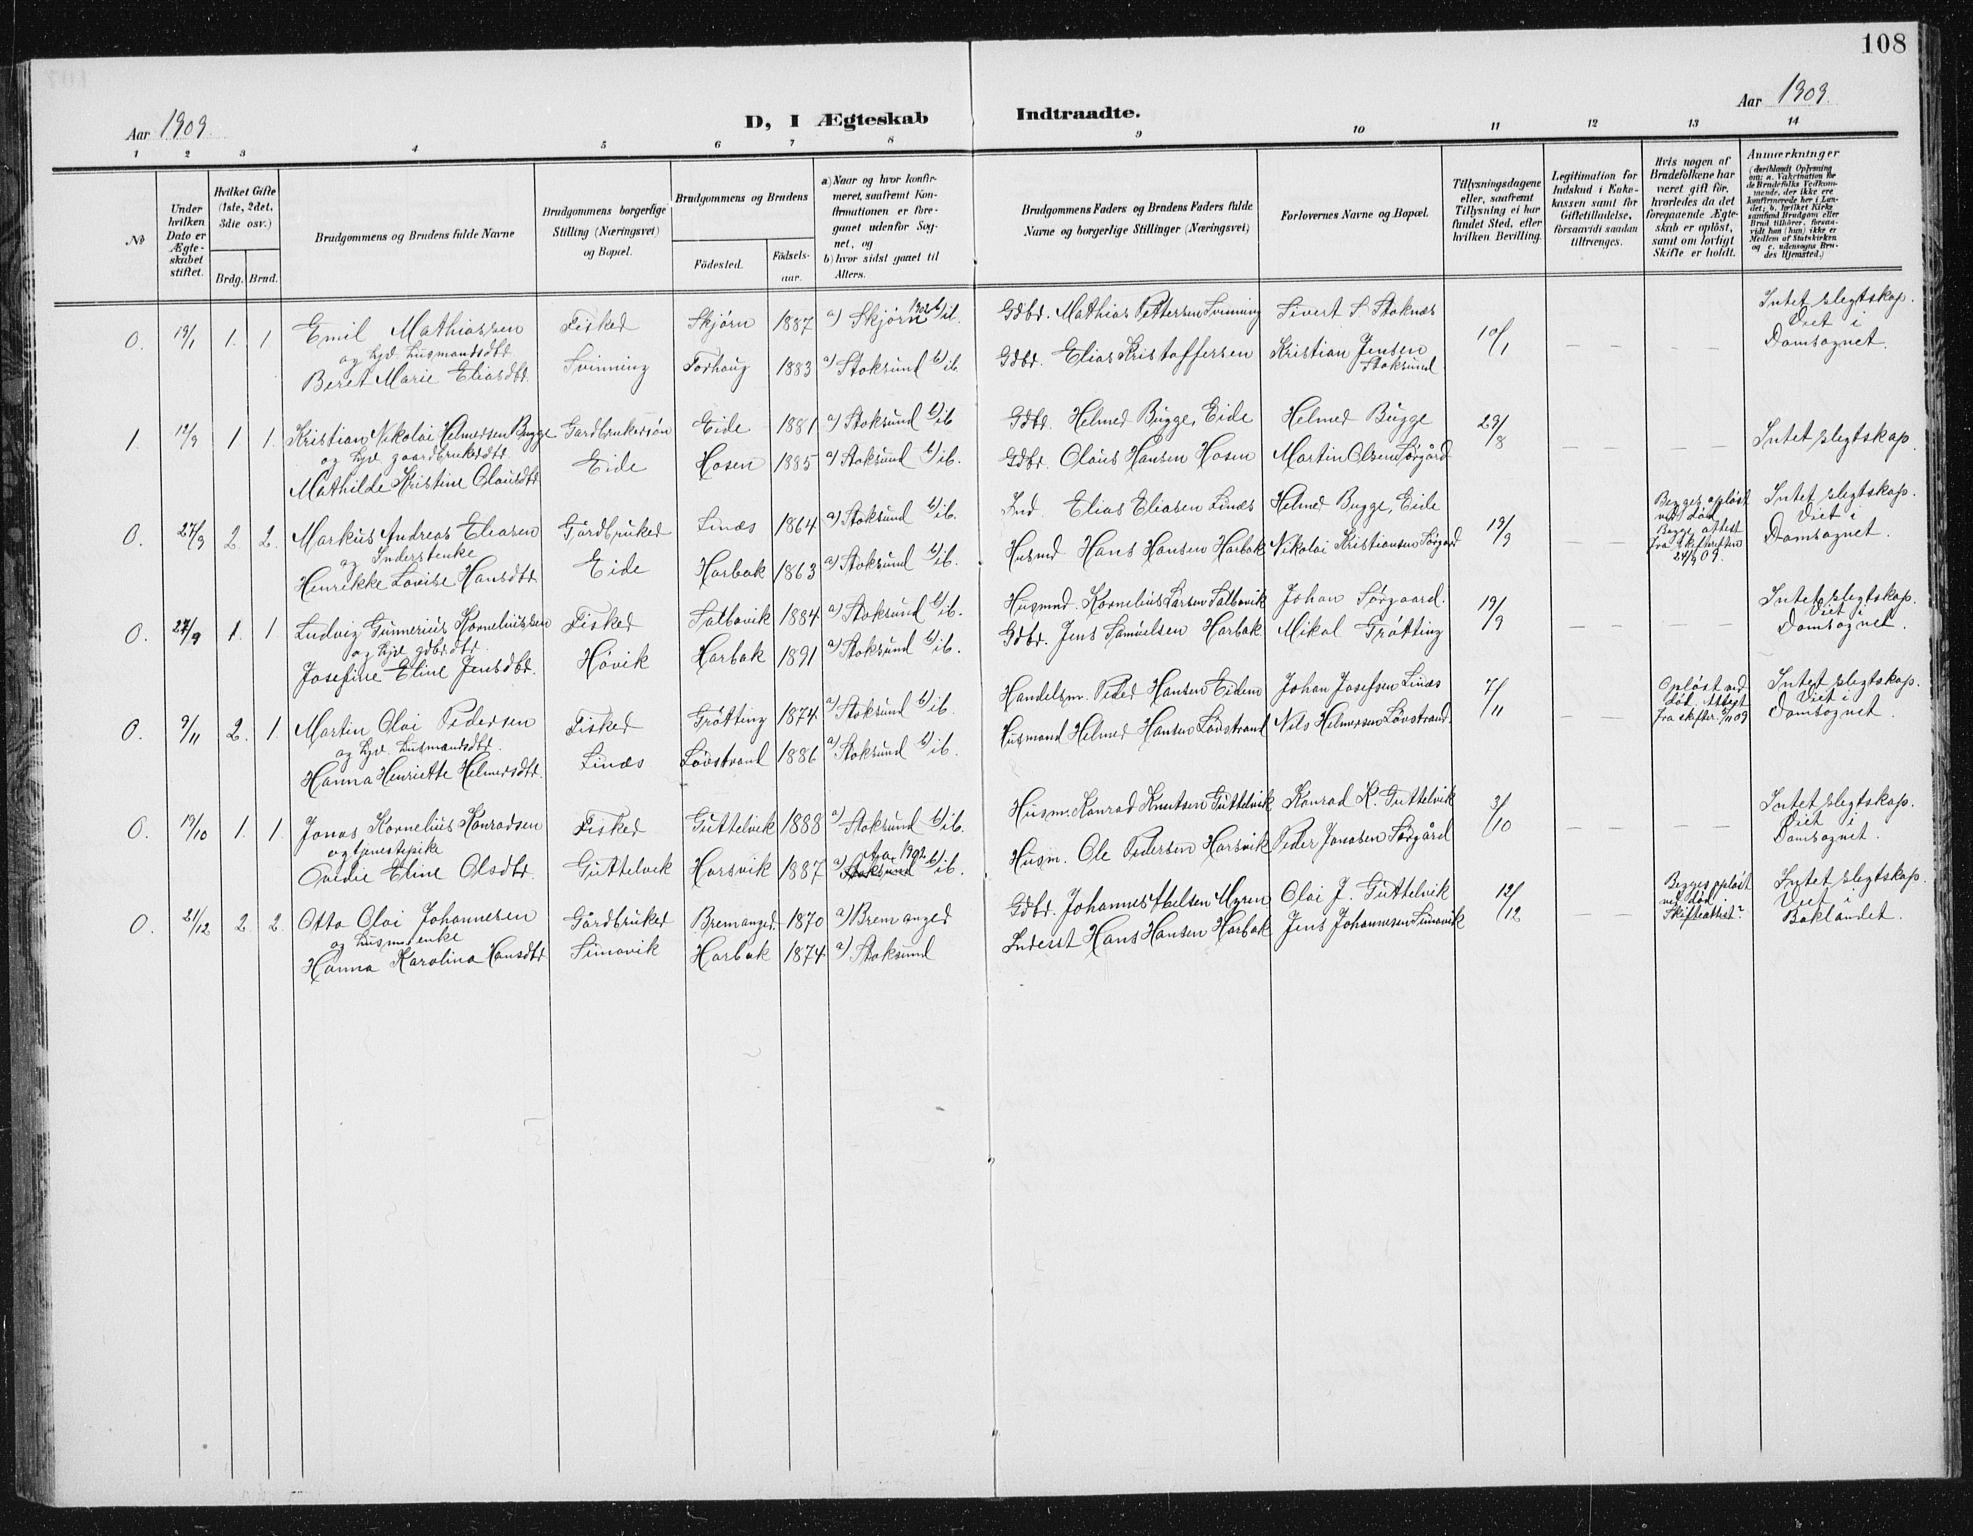 SAT, Ministerialprotokoller, klokkerbøker og fødselsregistre - Sør-Trøndelag, 656/L0699: Klokkerbok nr. 656C05, 1905-1920, s. 108